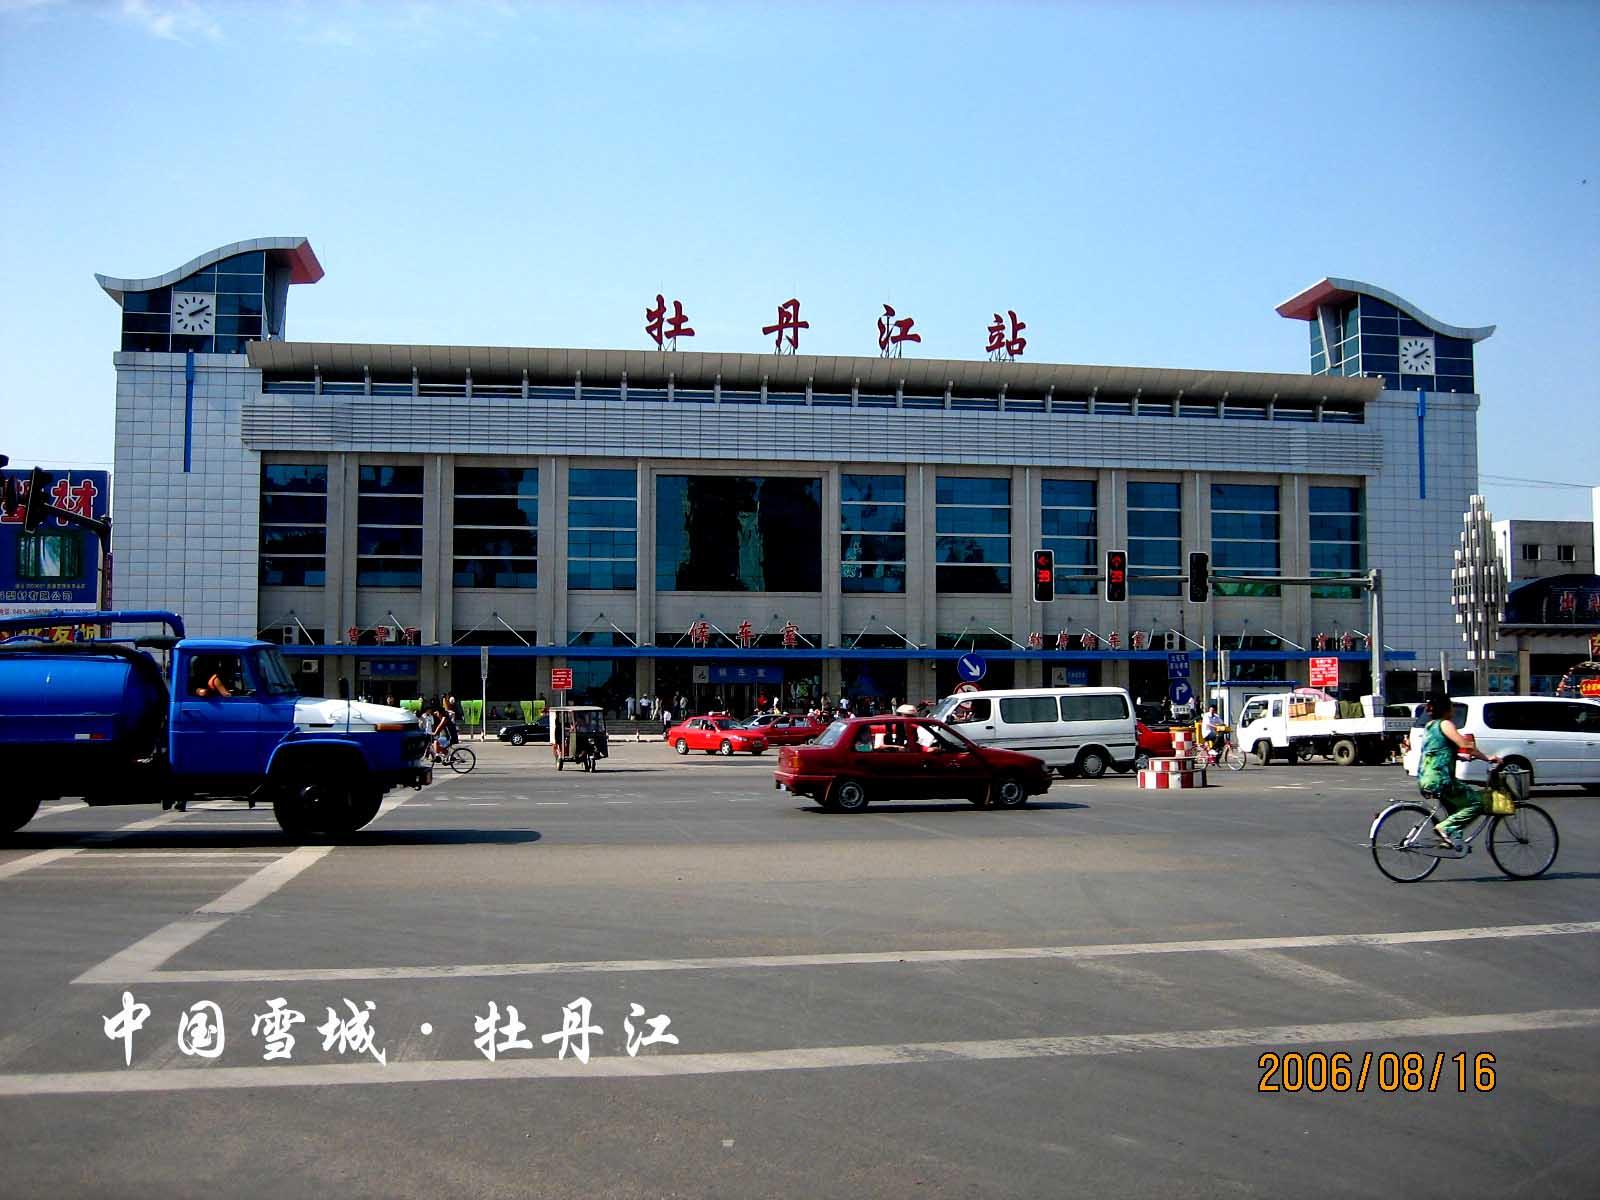 牡丹江海浪机场_从牡丹江火车站打出租车到牡丹江海浪机场要多少钱?